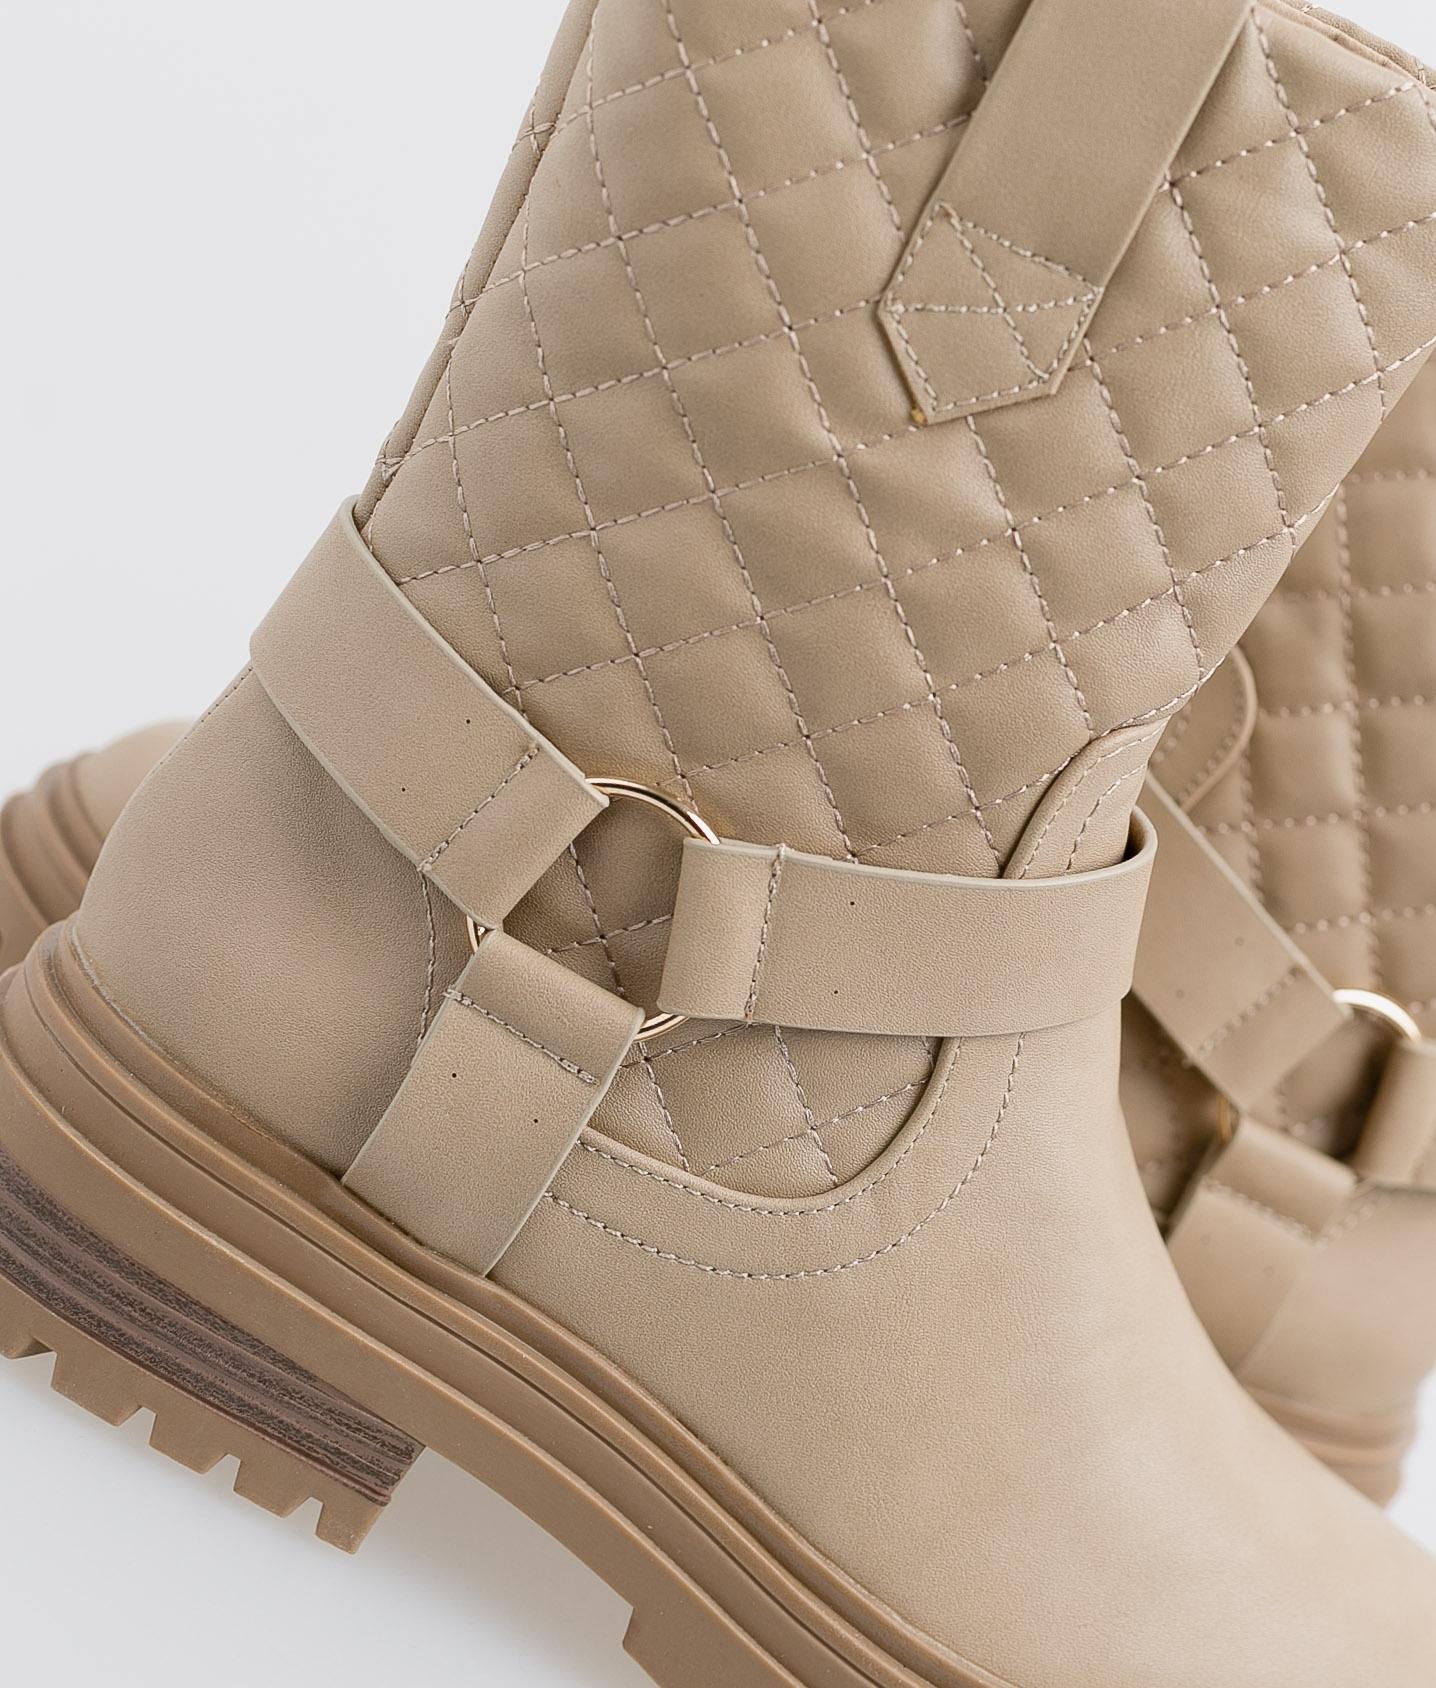 Boot Petite Roslin - Beige